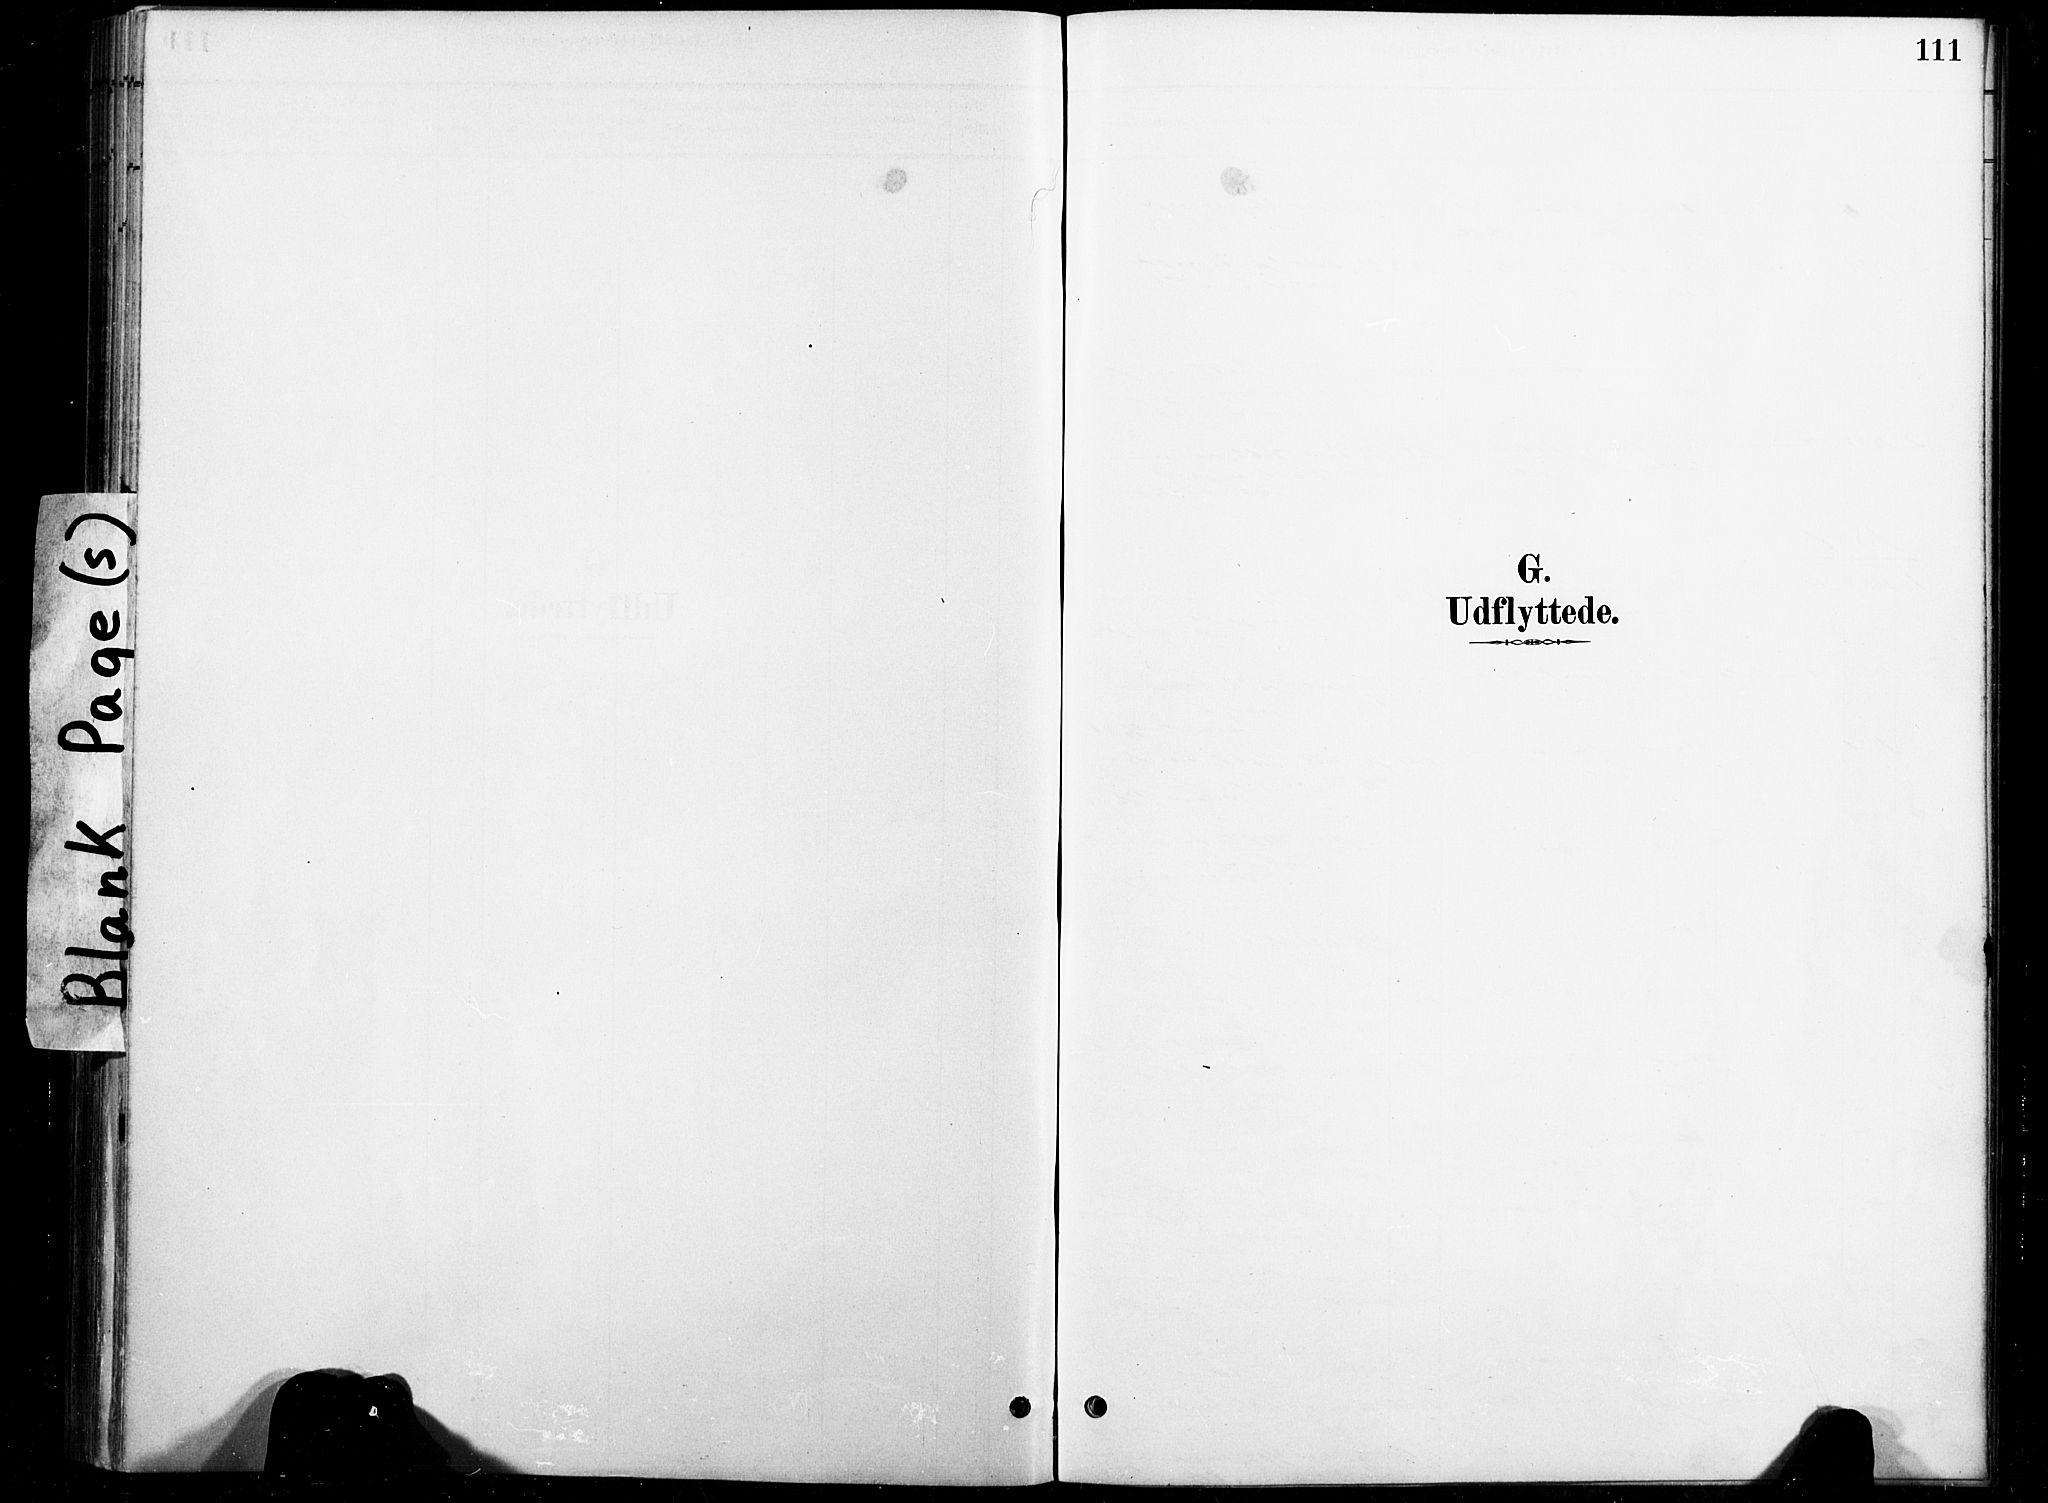 SAT, Ministerialprotokoller, klokkerbøker og fødselsregistre - Nord-Trøndelag, 738/L0364: Ministerialbok nr. 738A01, 1884-1902, s. 111